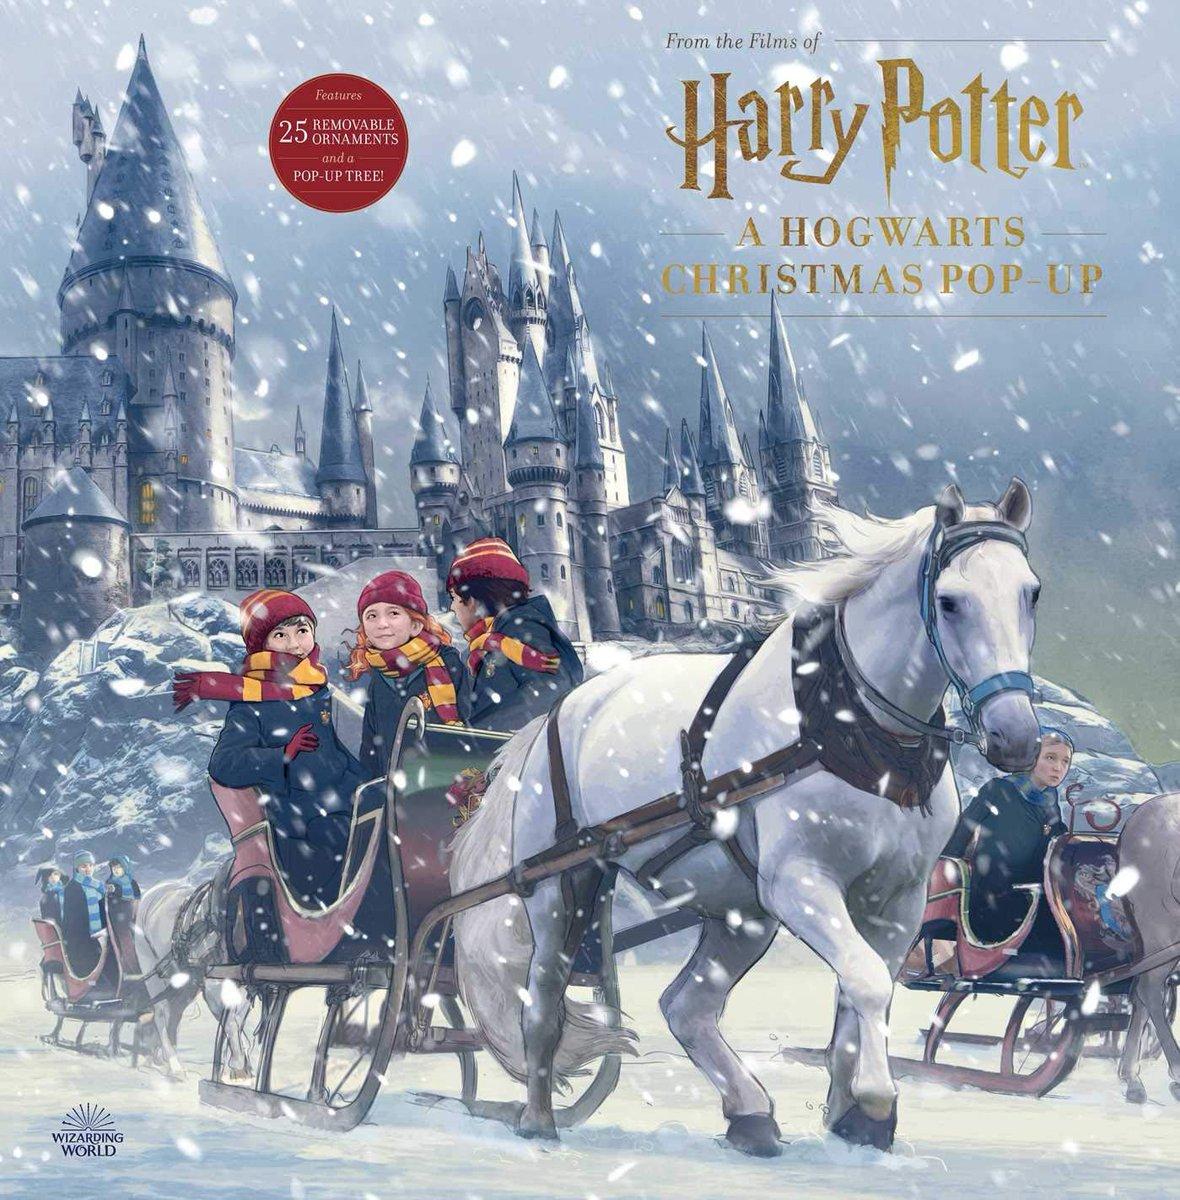 【書籍】明日発売!クリスマスへ向けてポップアップブック『Harry Potter: A Hogwarts Christmas Pop-Up』が登場!中に含まれるソフトカバーのブックレットには、映画に登場するホグワーツの休暇に関する舞台裏などが書かれています。お値段3,948円。